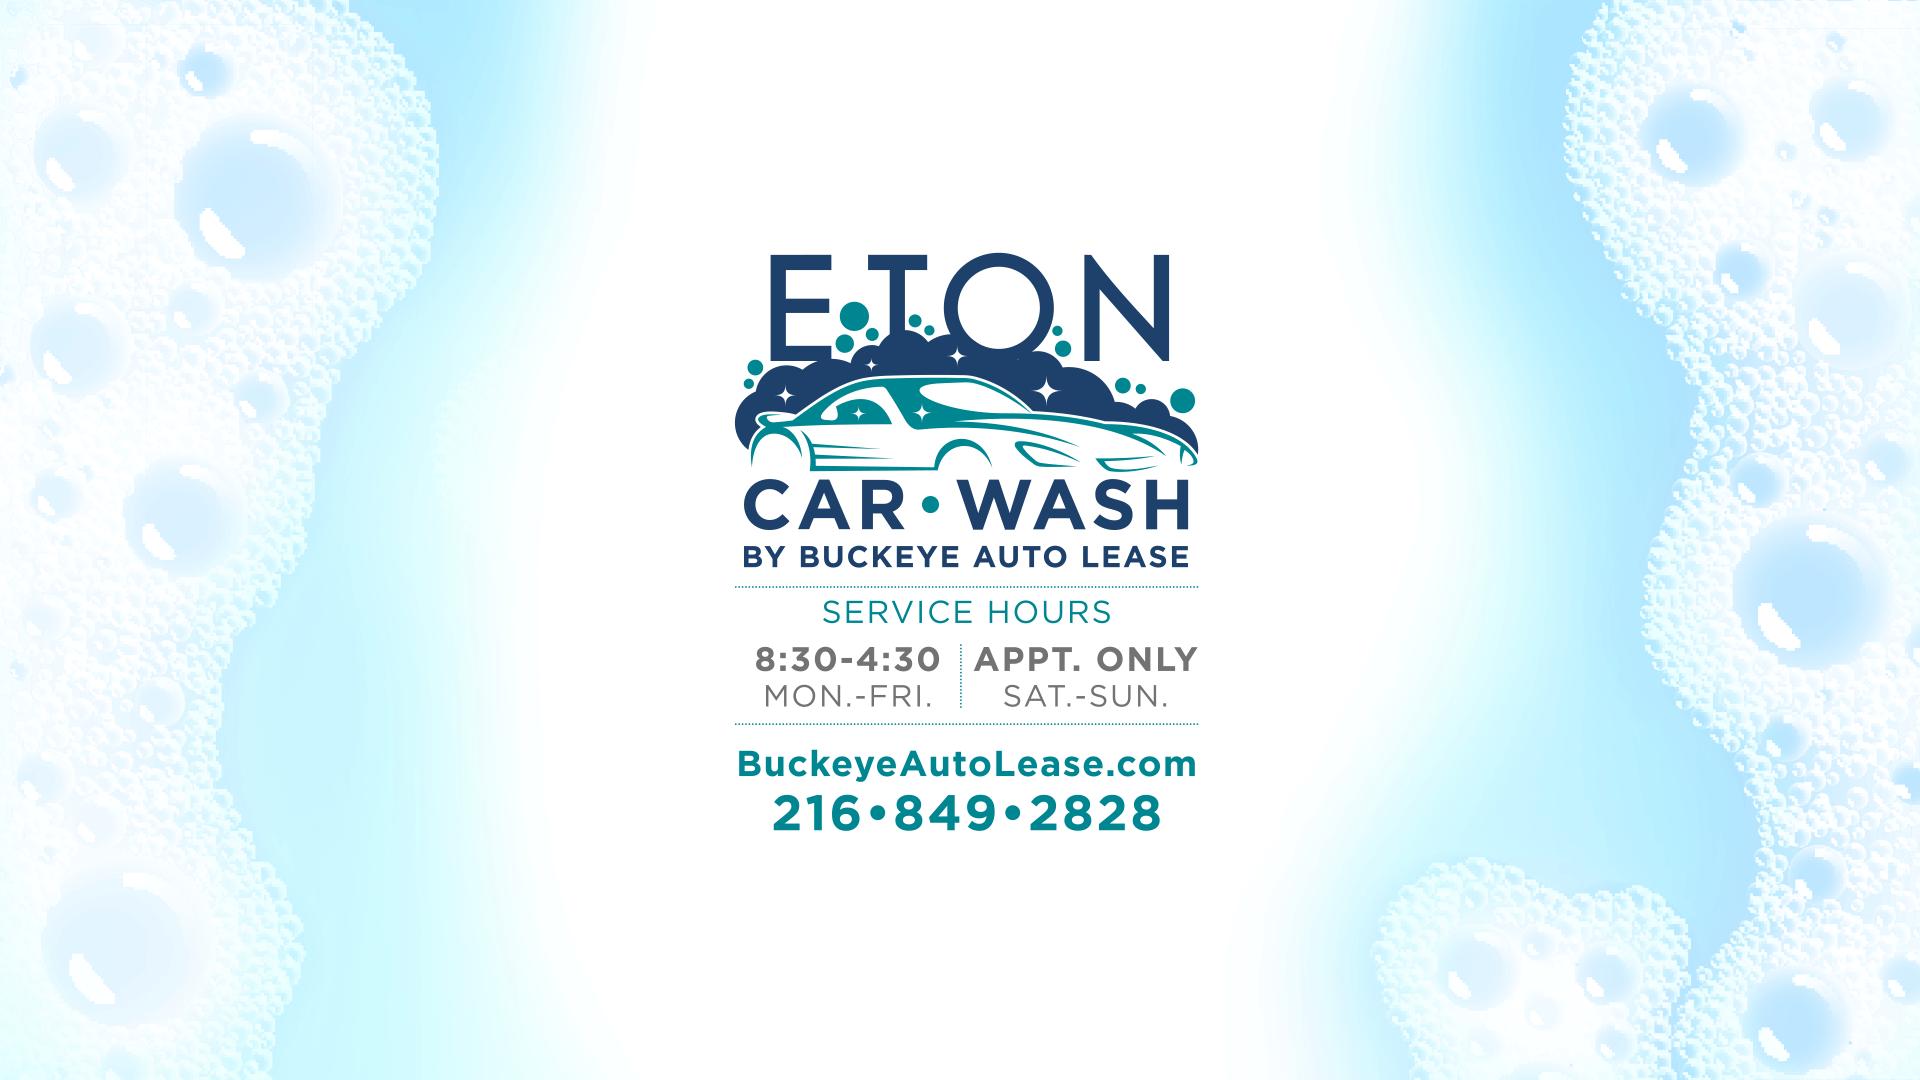 Eton Car Wash